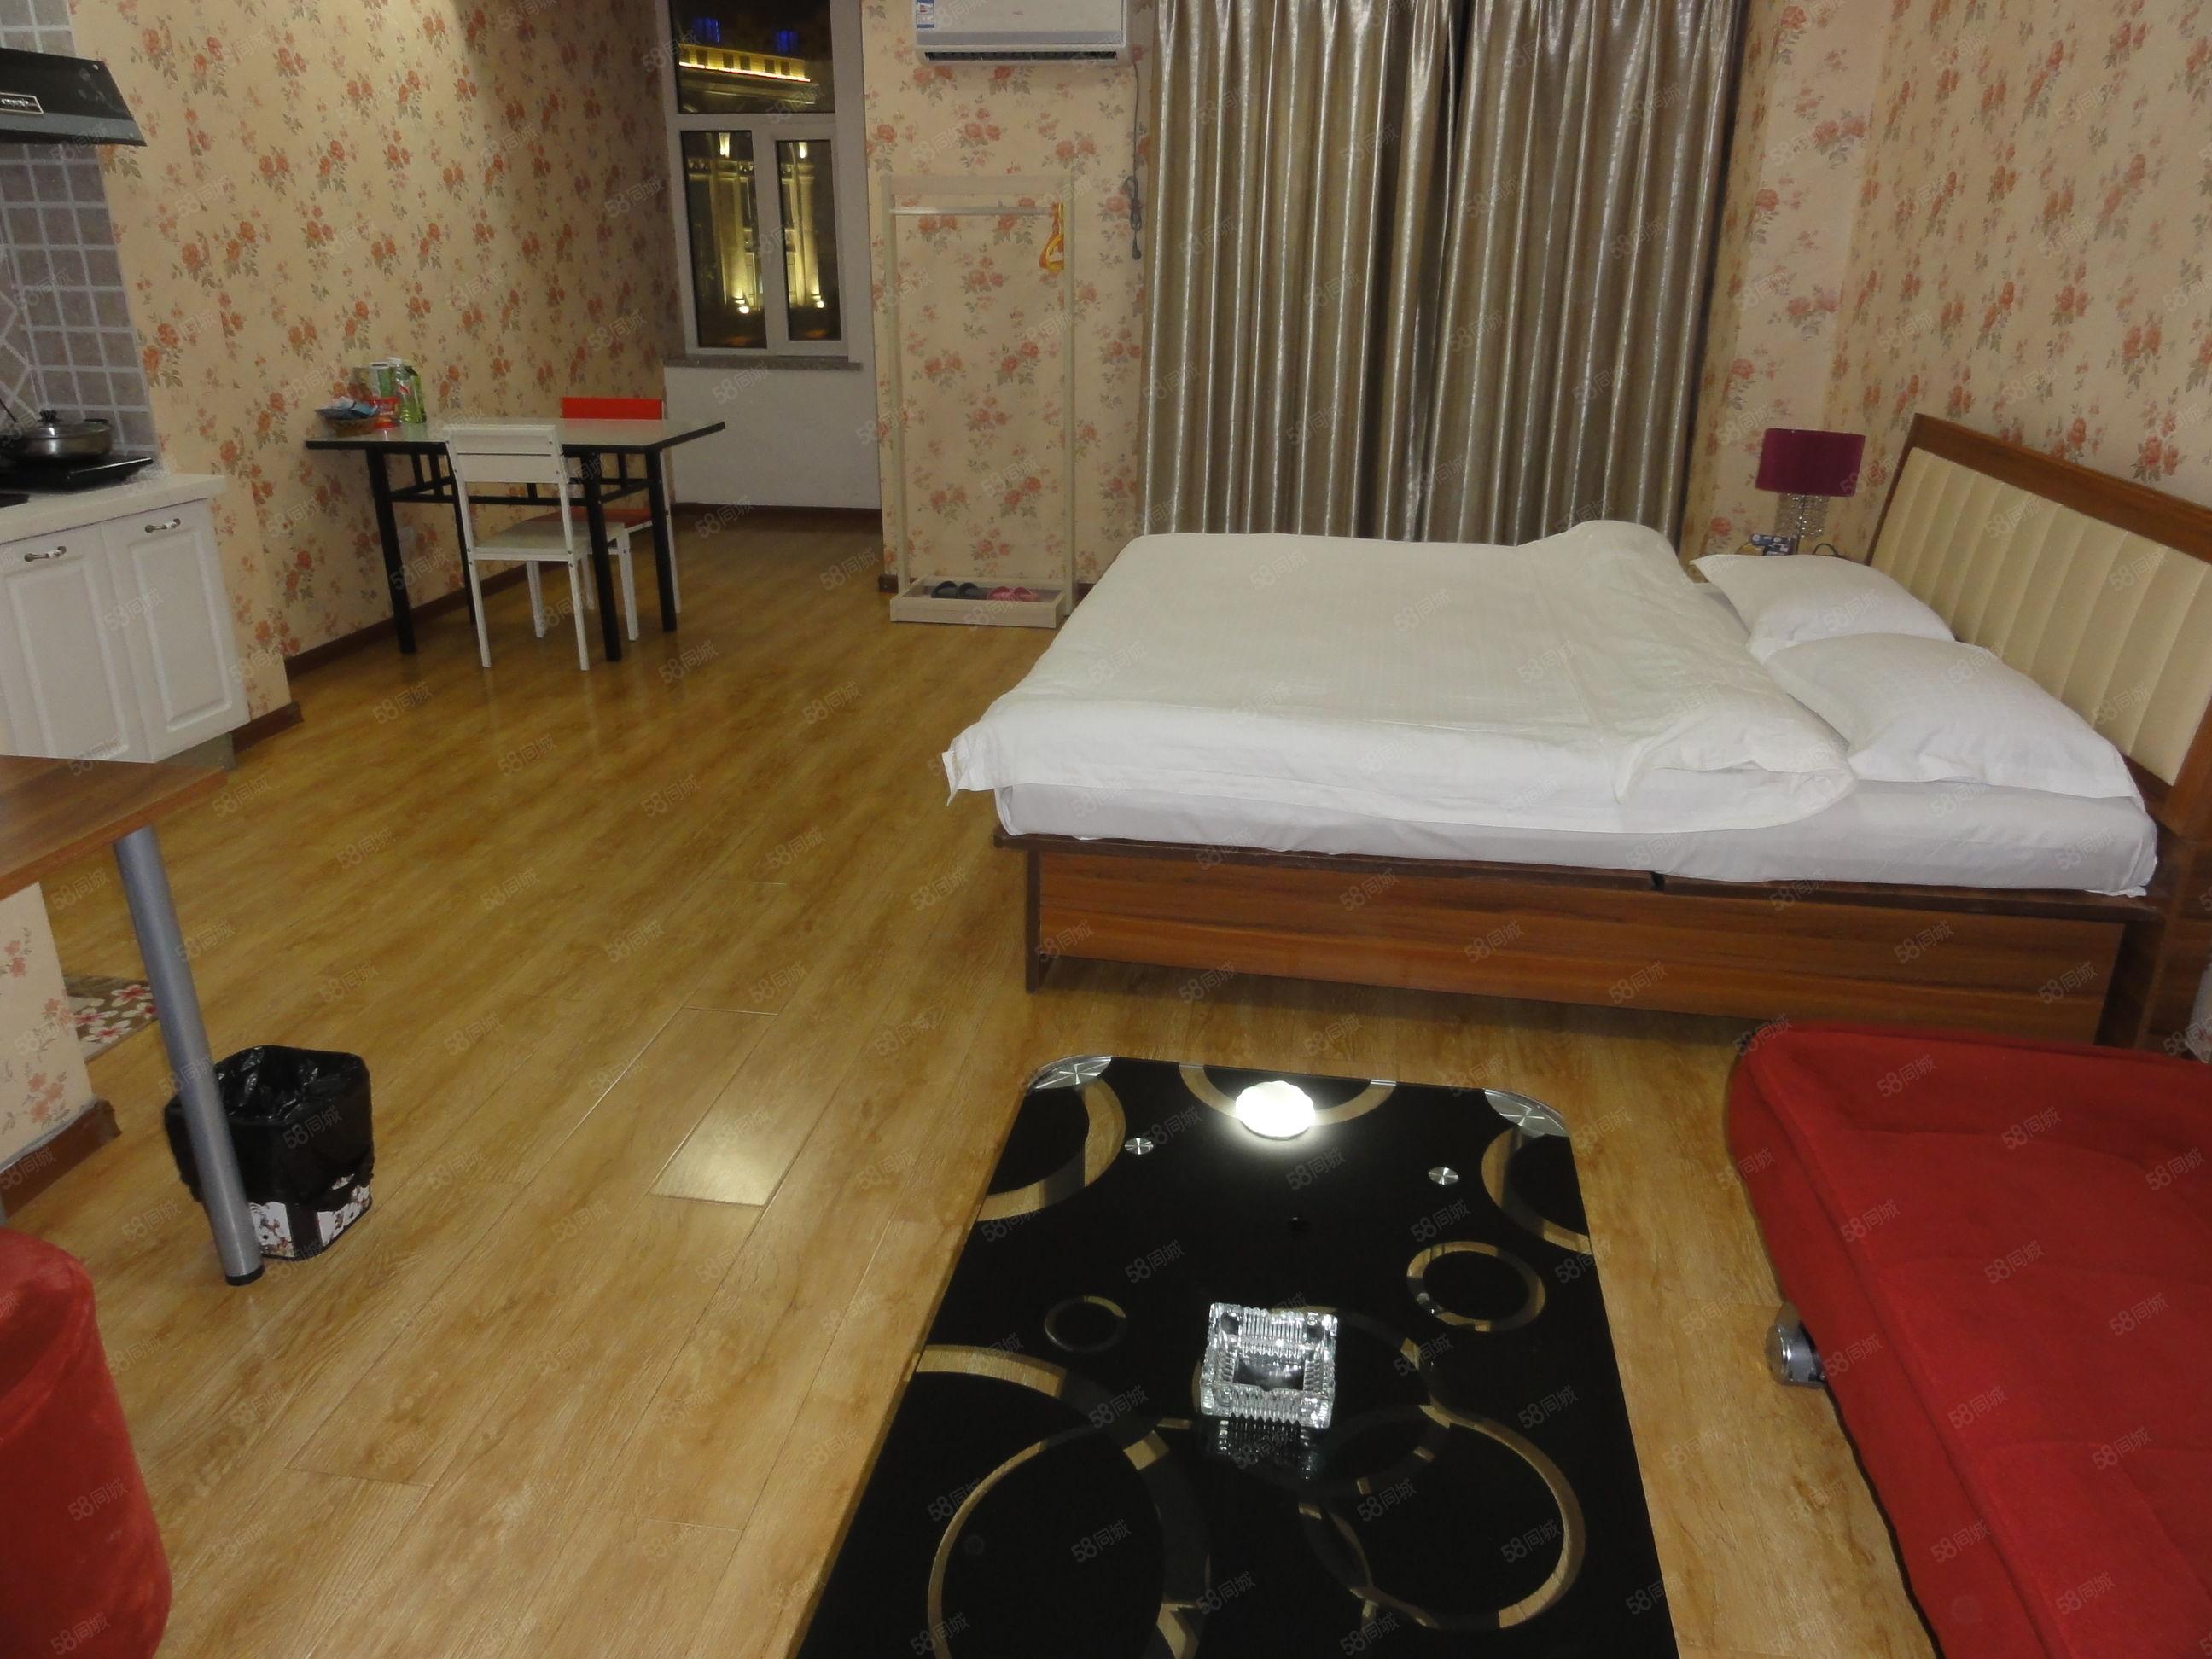 白领公寓,日租房,安全舒适干净